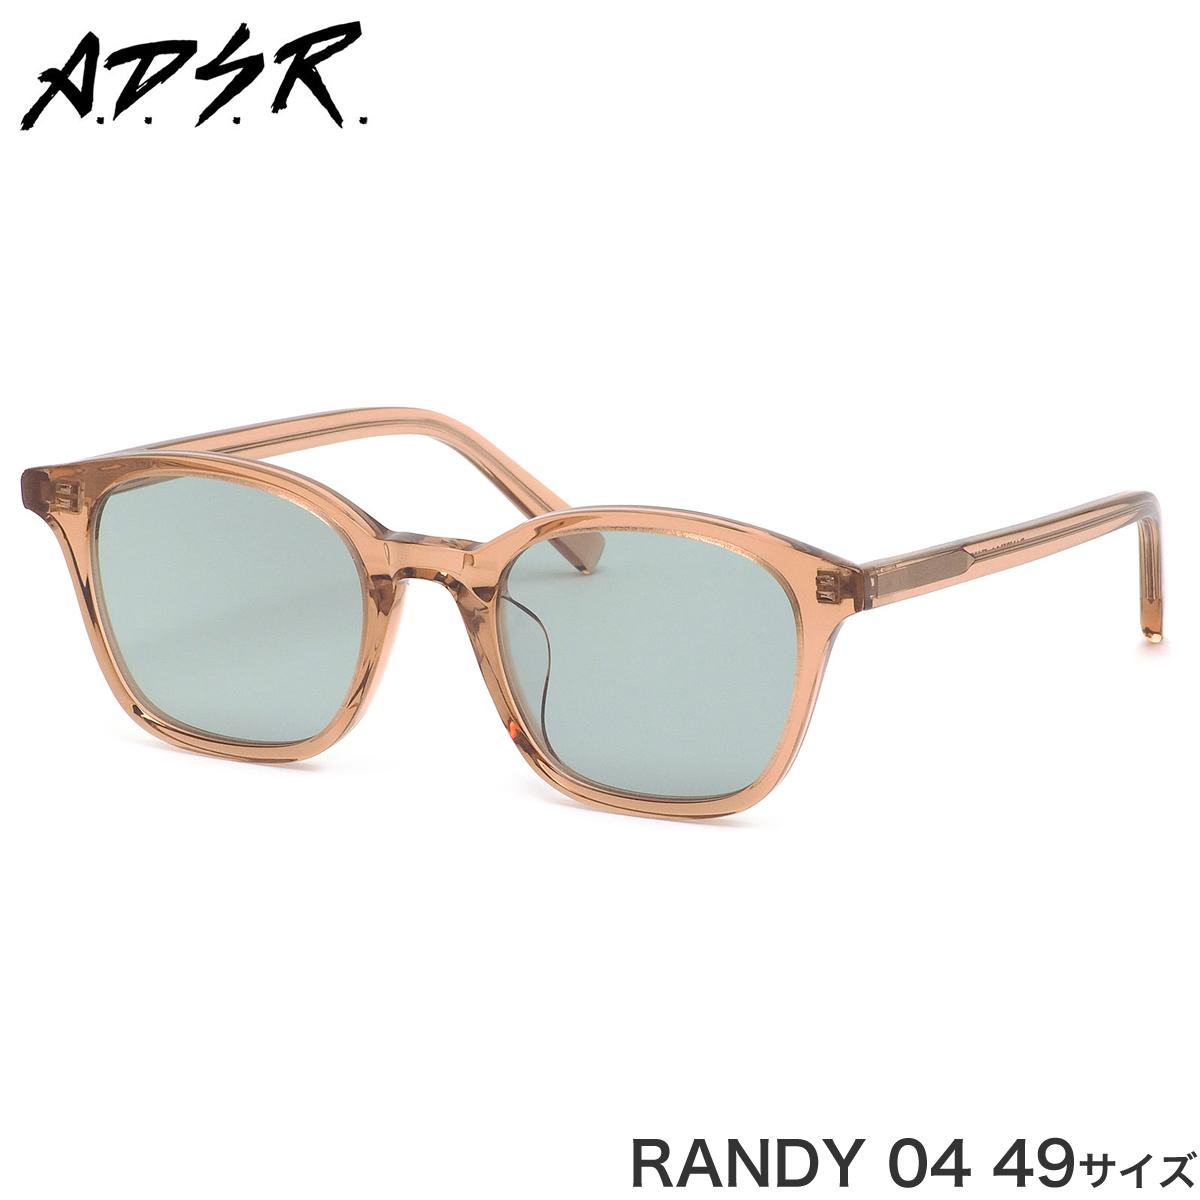 A.D.S.R. エーディーエスアール サングラス RANDY 04 49サイズ メンズ レディース